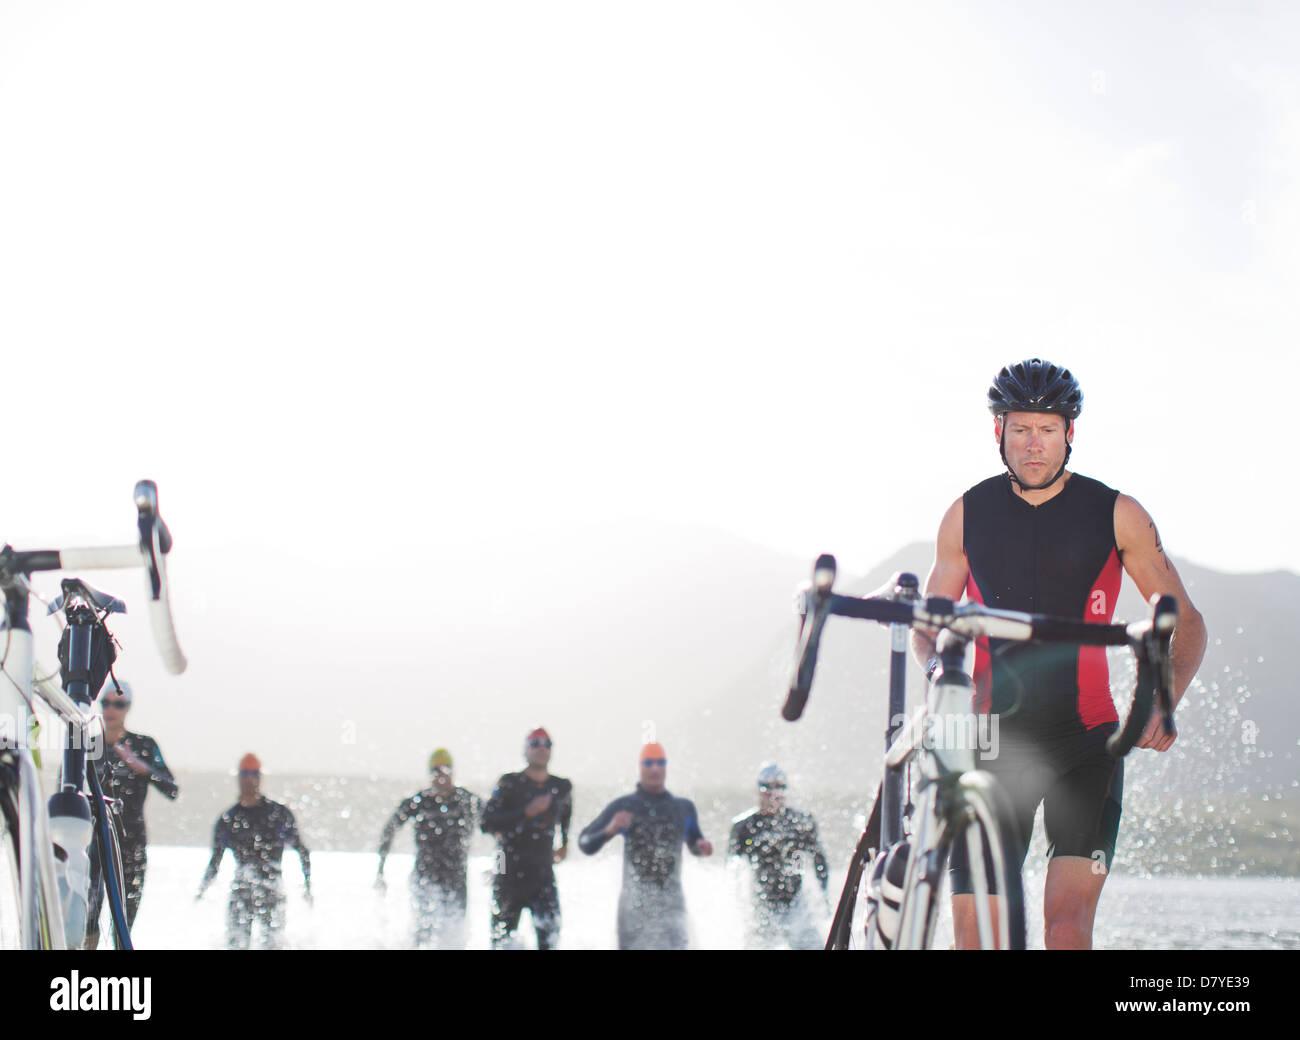 Triatleti emergenti dall'acqua, Immagini Stock